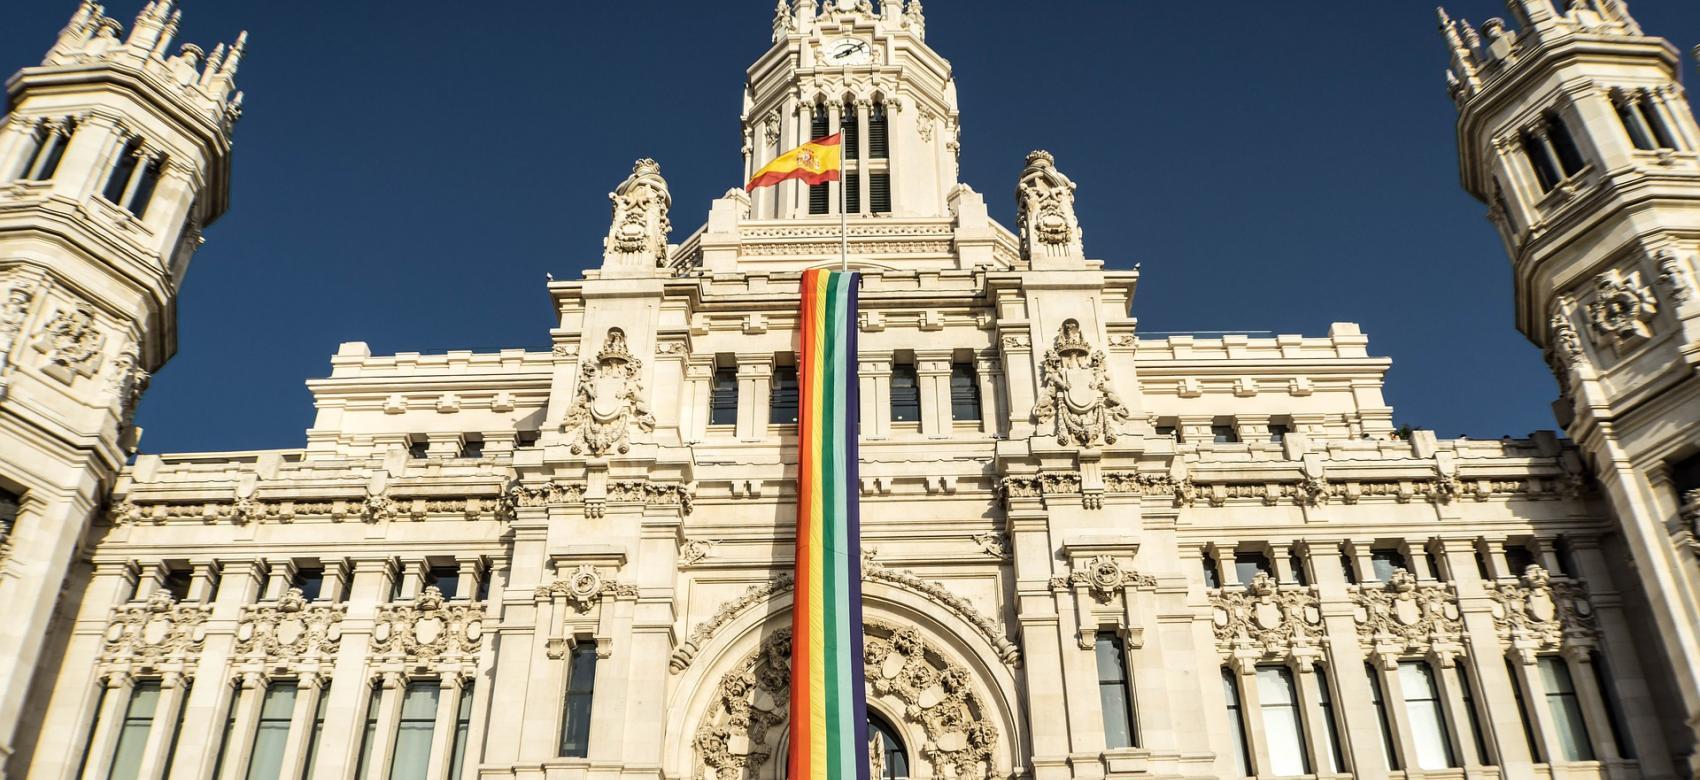 Fiestas del Orgullo de Madrid